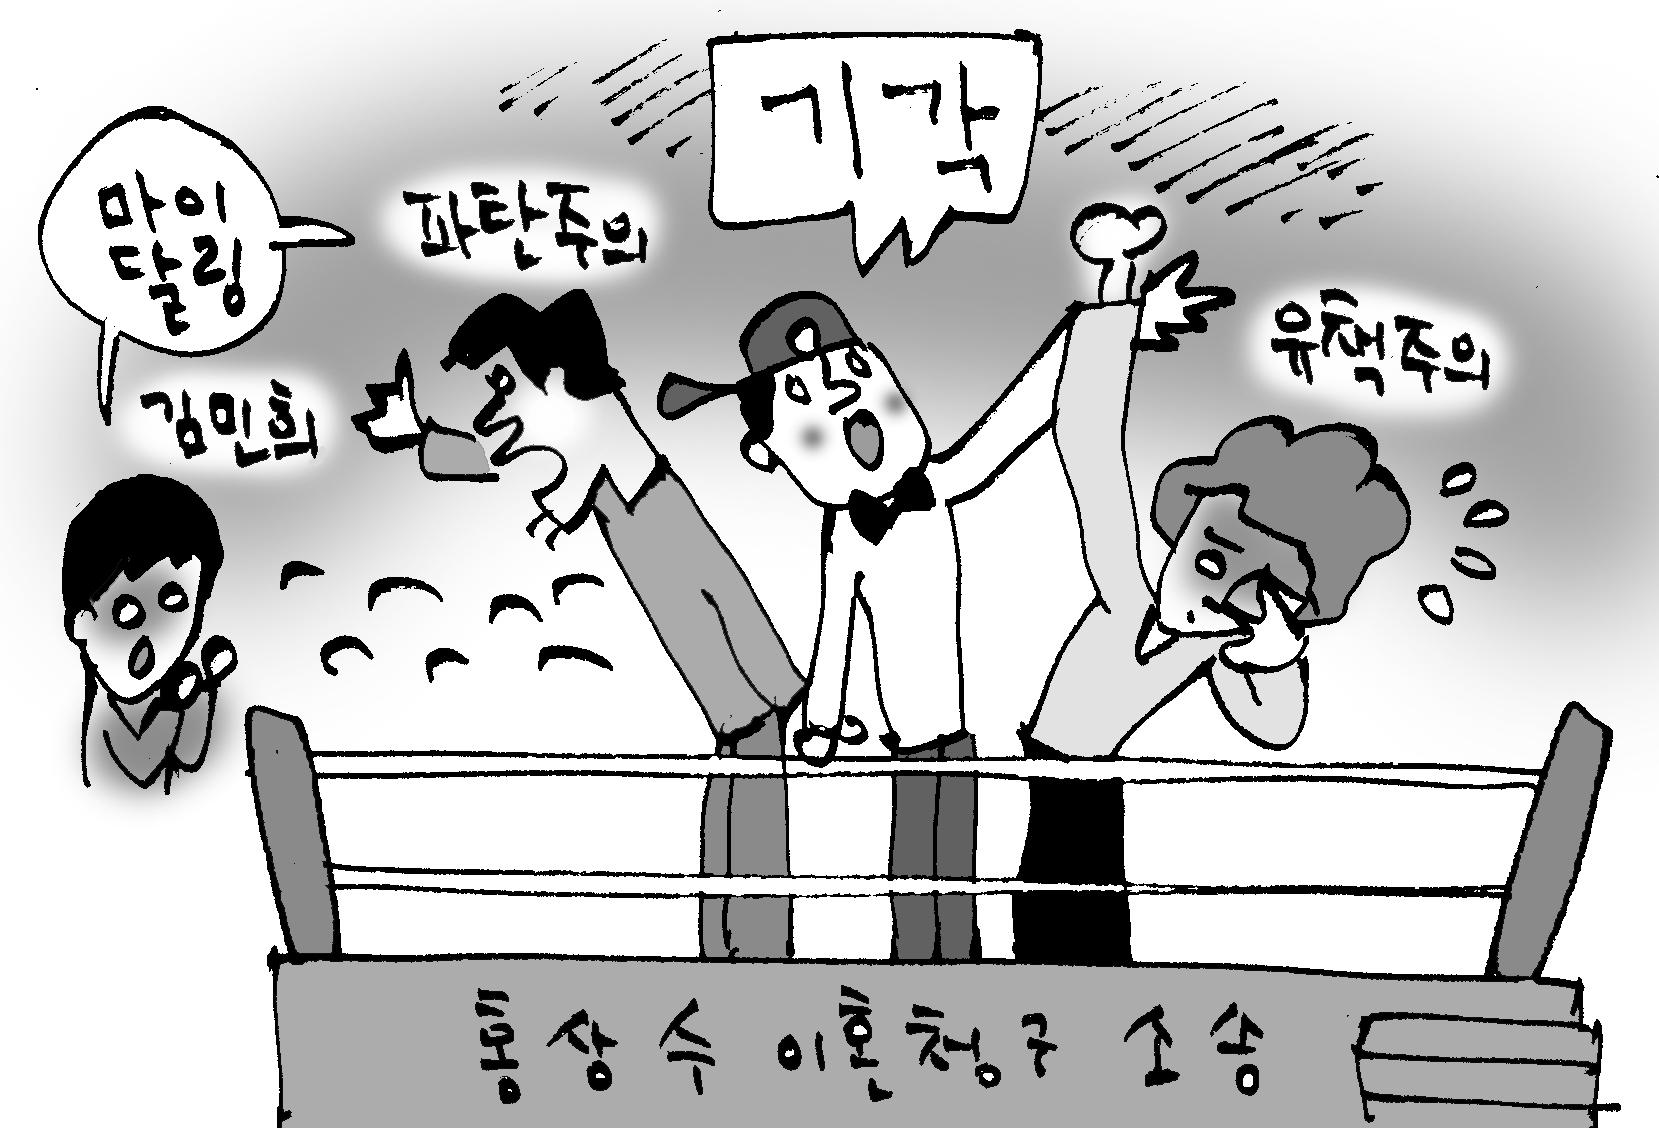 홍상수 감독, 부인과 이혼 실패…법원, '유책주의' 유지